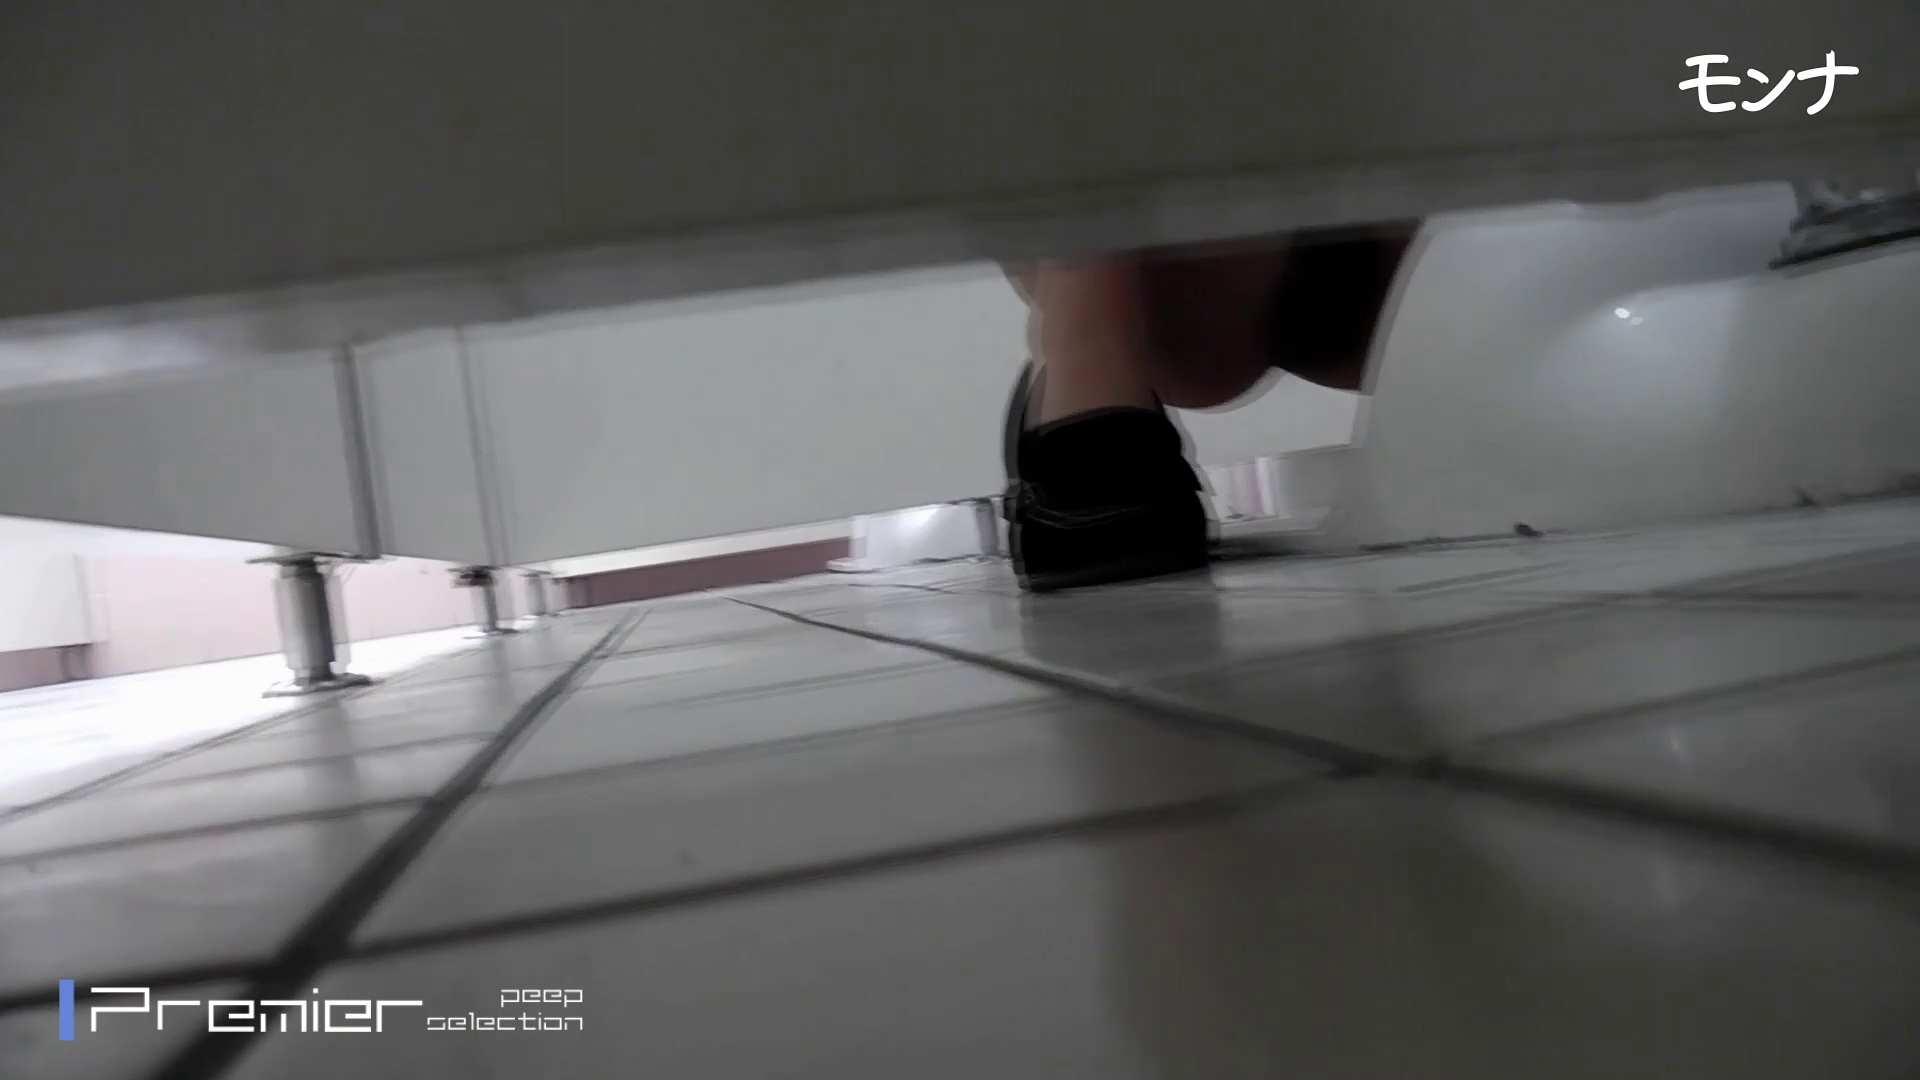 美しい日本の未来 No.84この美脚と距離感 盗撮エロすぎ | 覗き  86連発 78